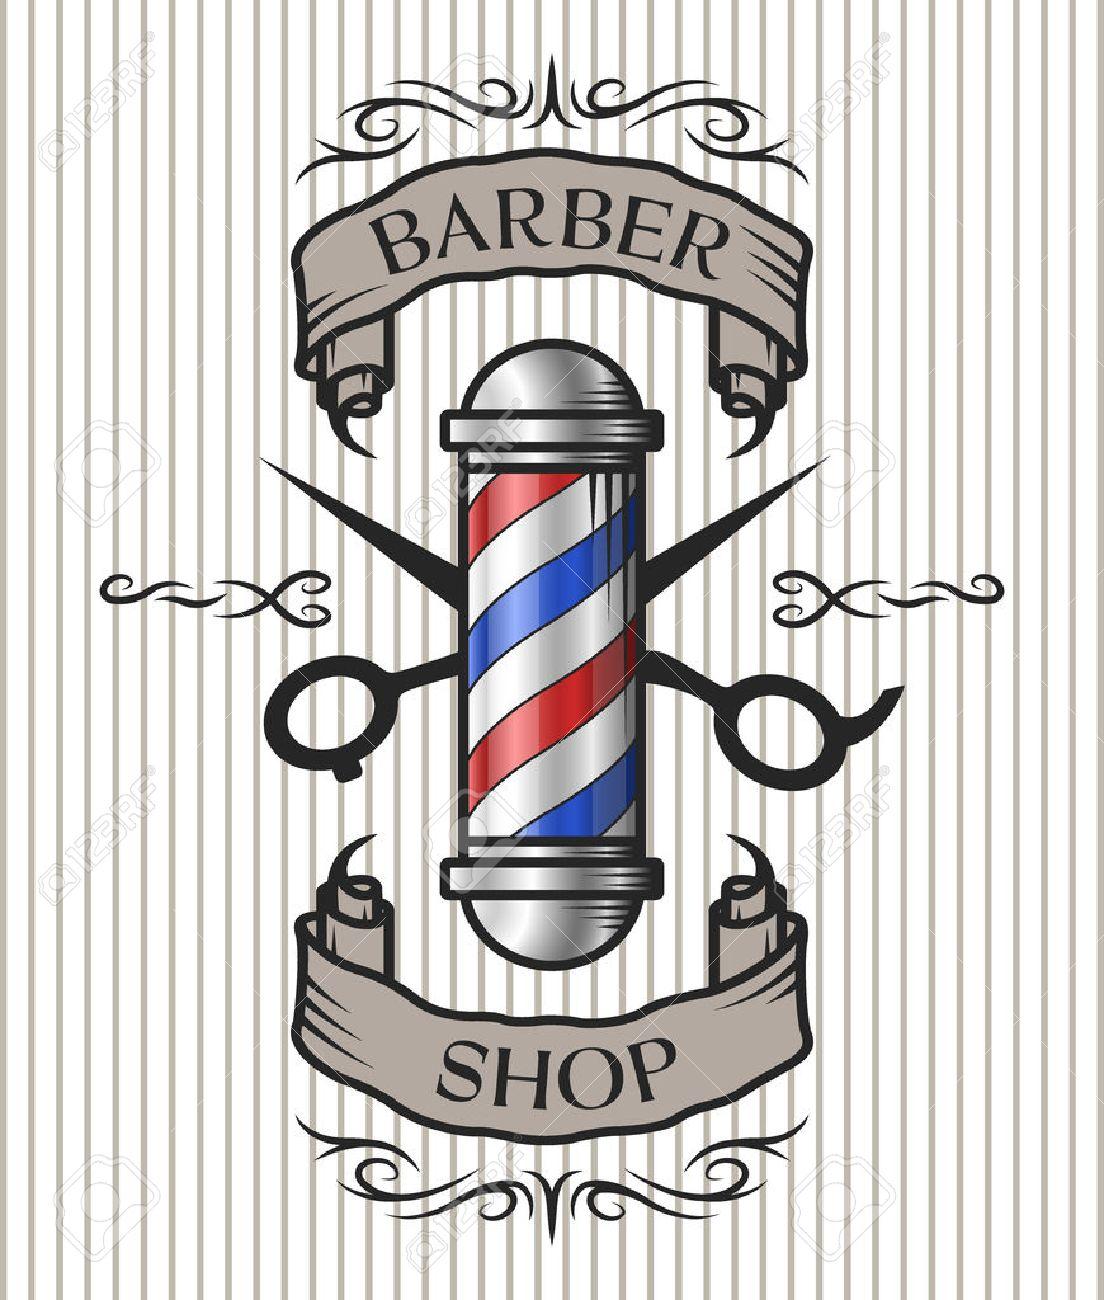 barber pole images  Barber Shop Emblem. Barber Pole,scissors And Ribbon For Text ...